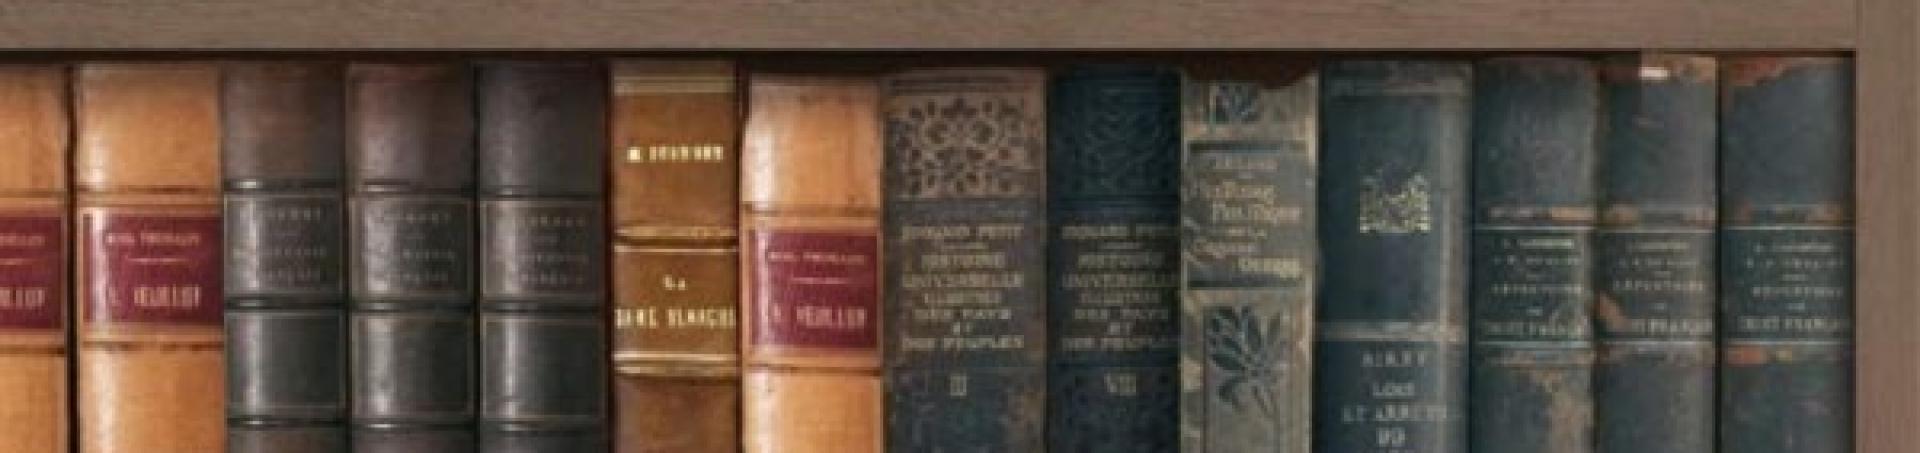 papier-peint-bibliotheque-ancienne[1]